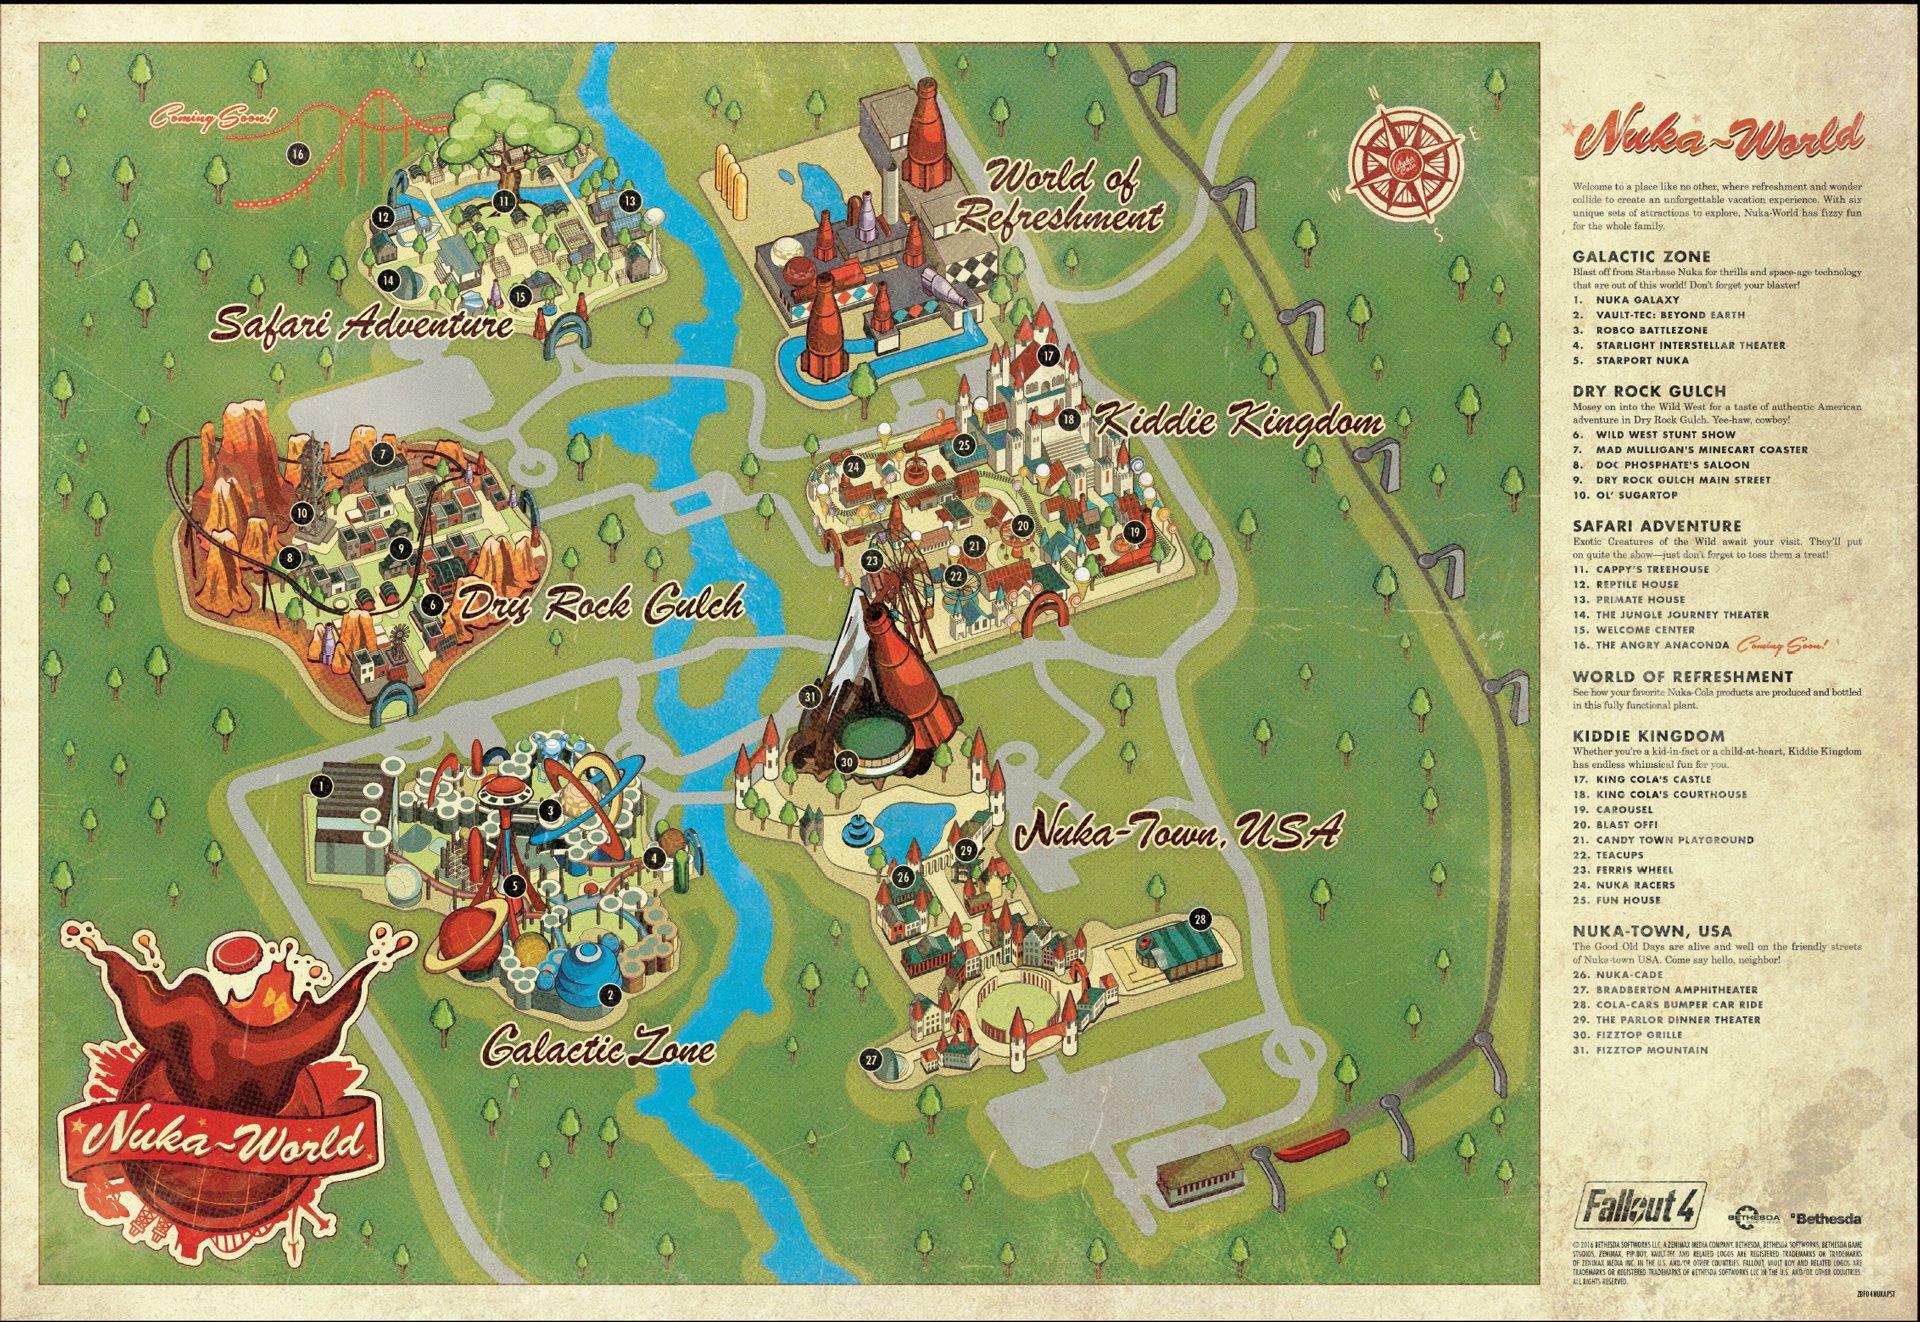 Fallout 4 - Nuka-World Map veröffentlicht - Survival-Sandbox.de